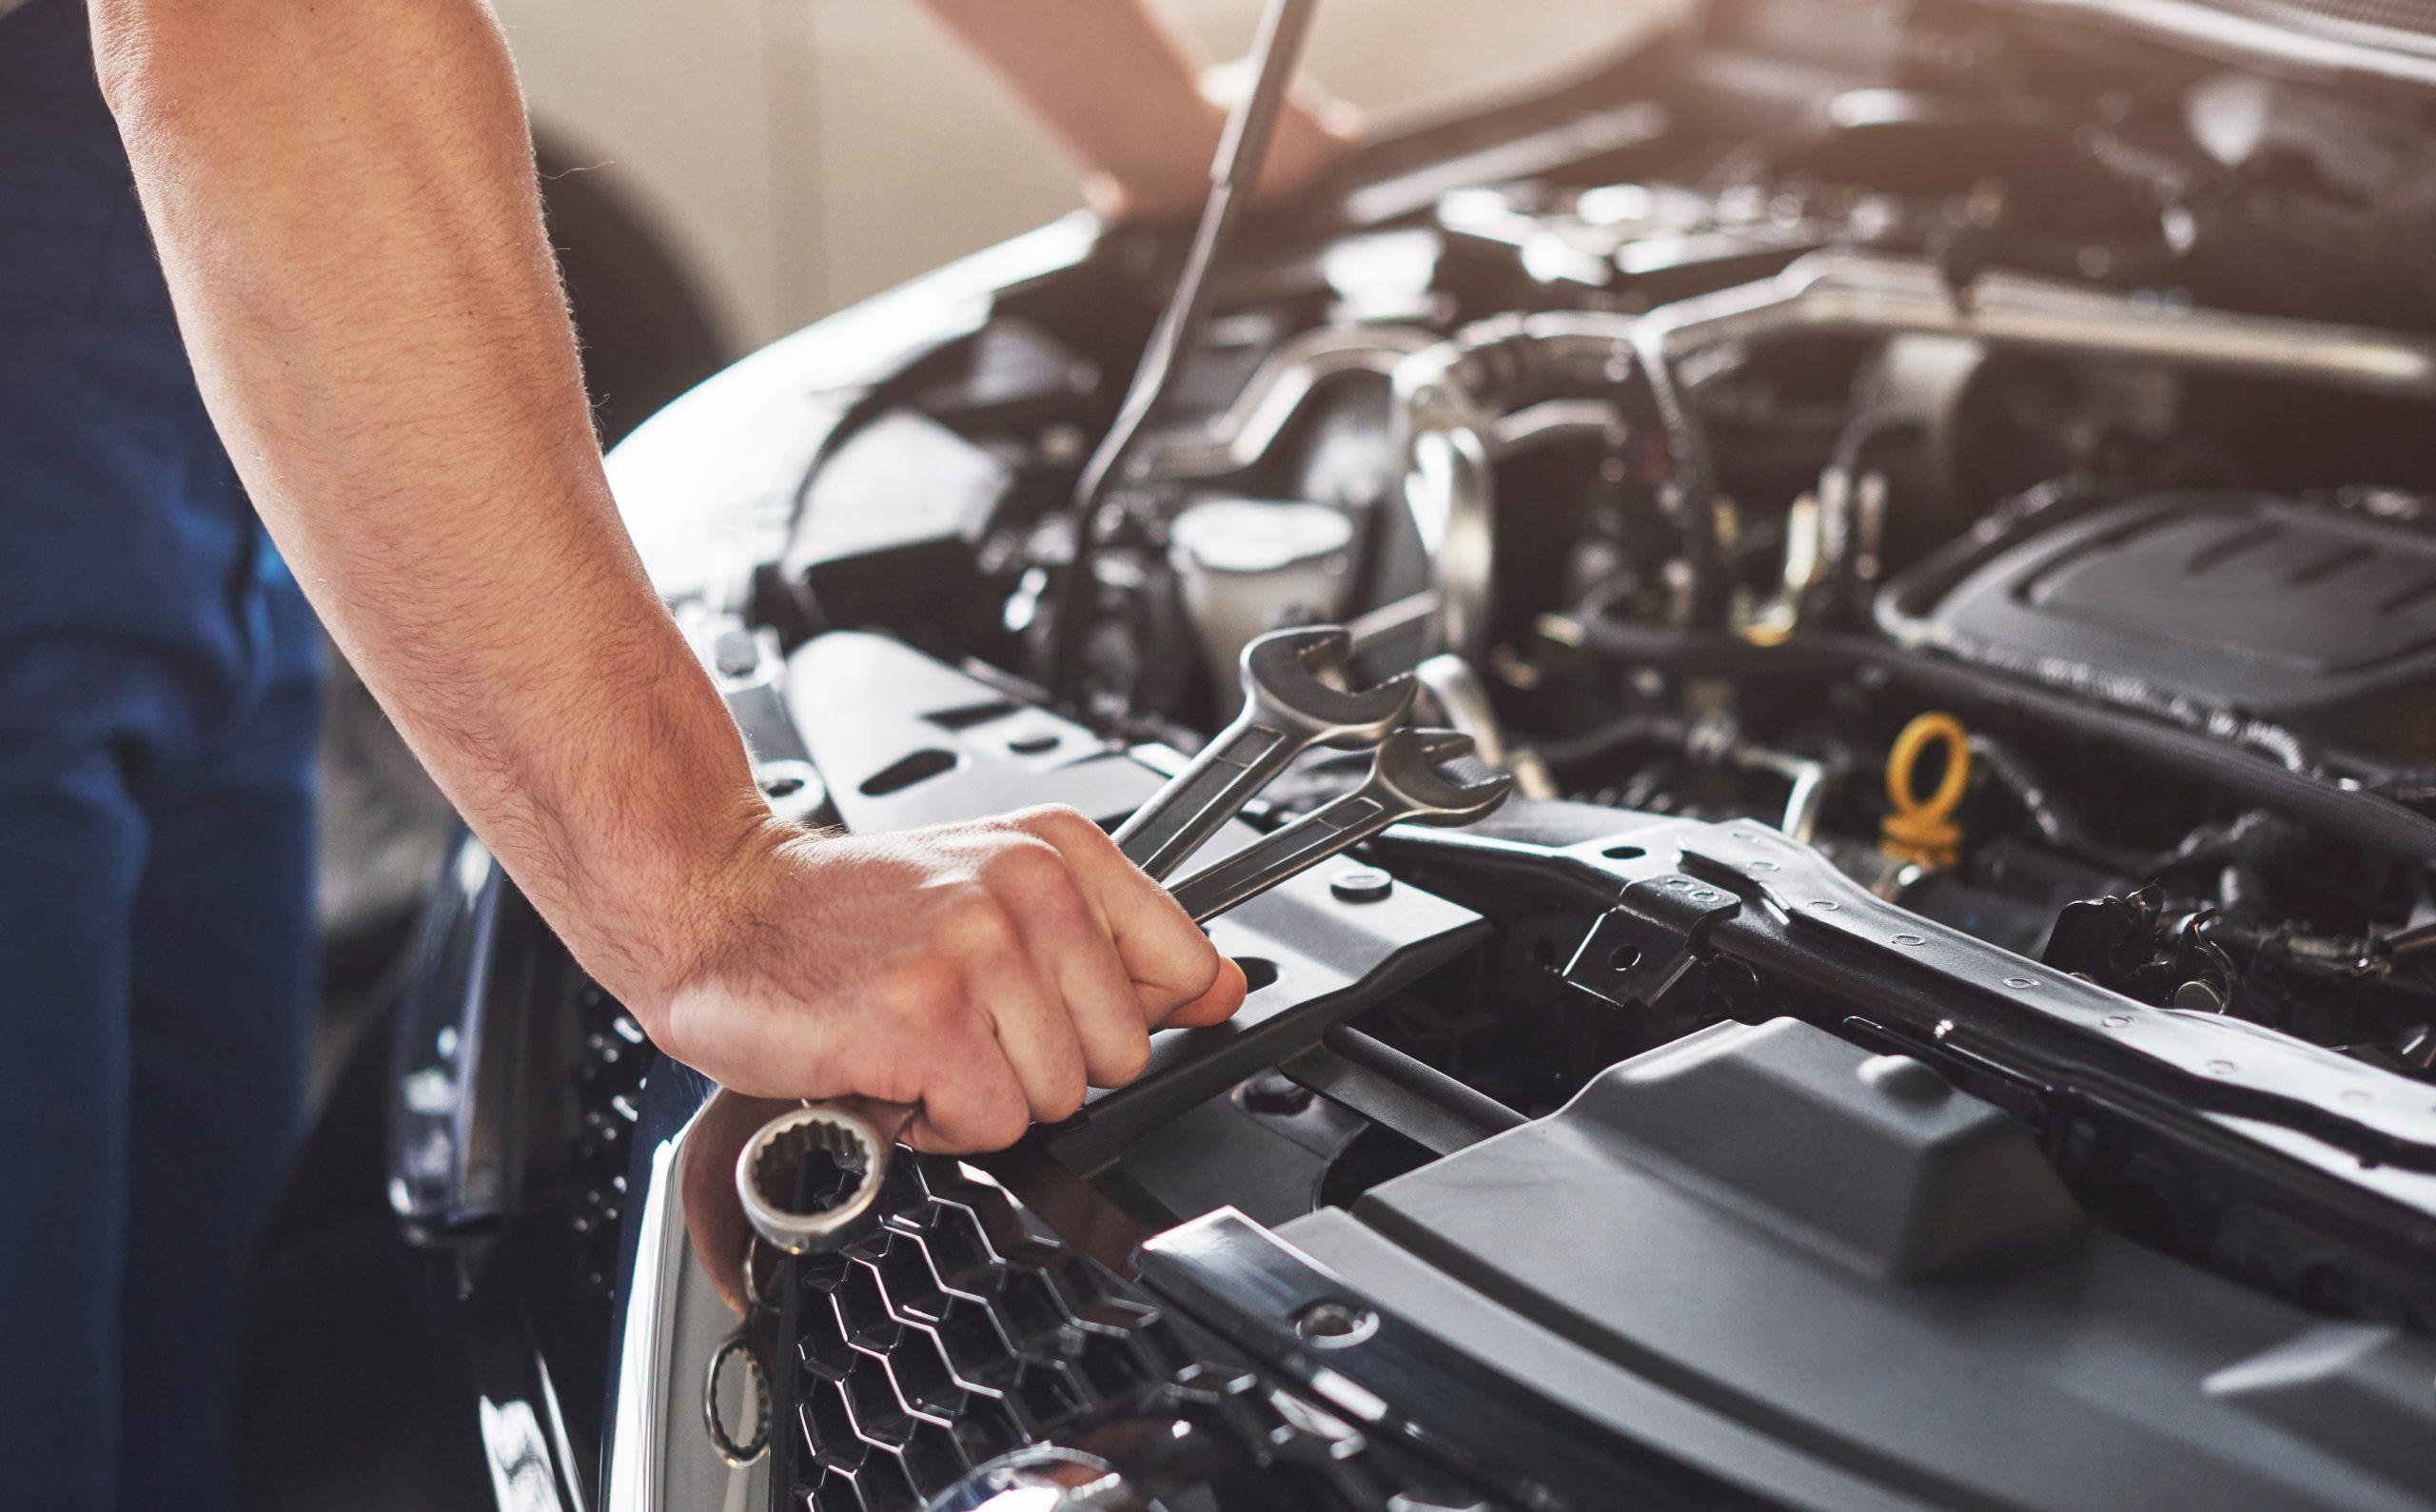 Araba kaç gün çalışmazsa akü biter?